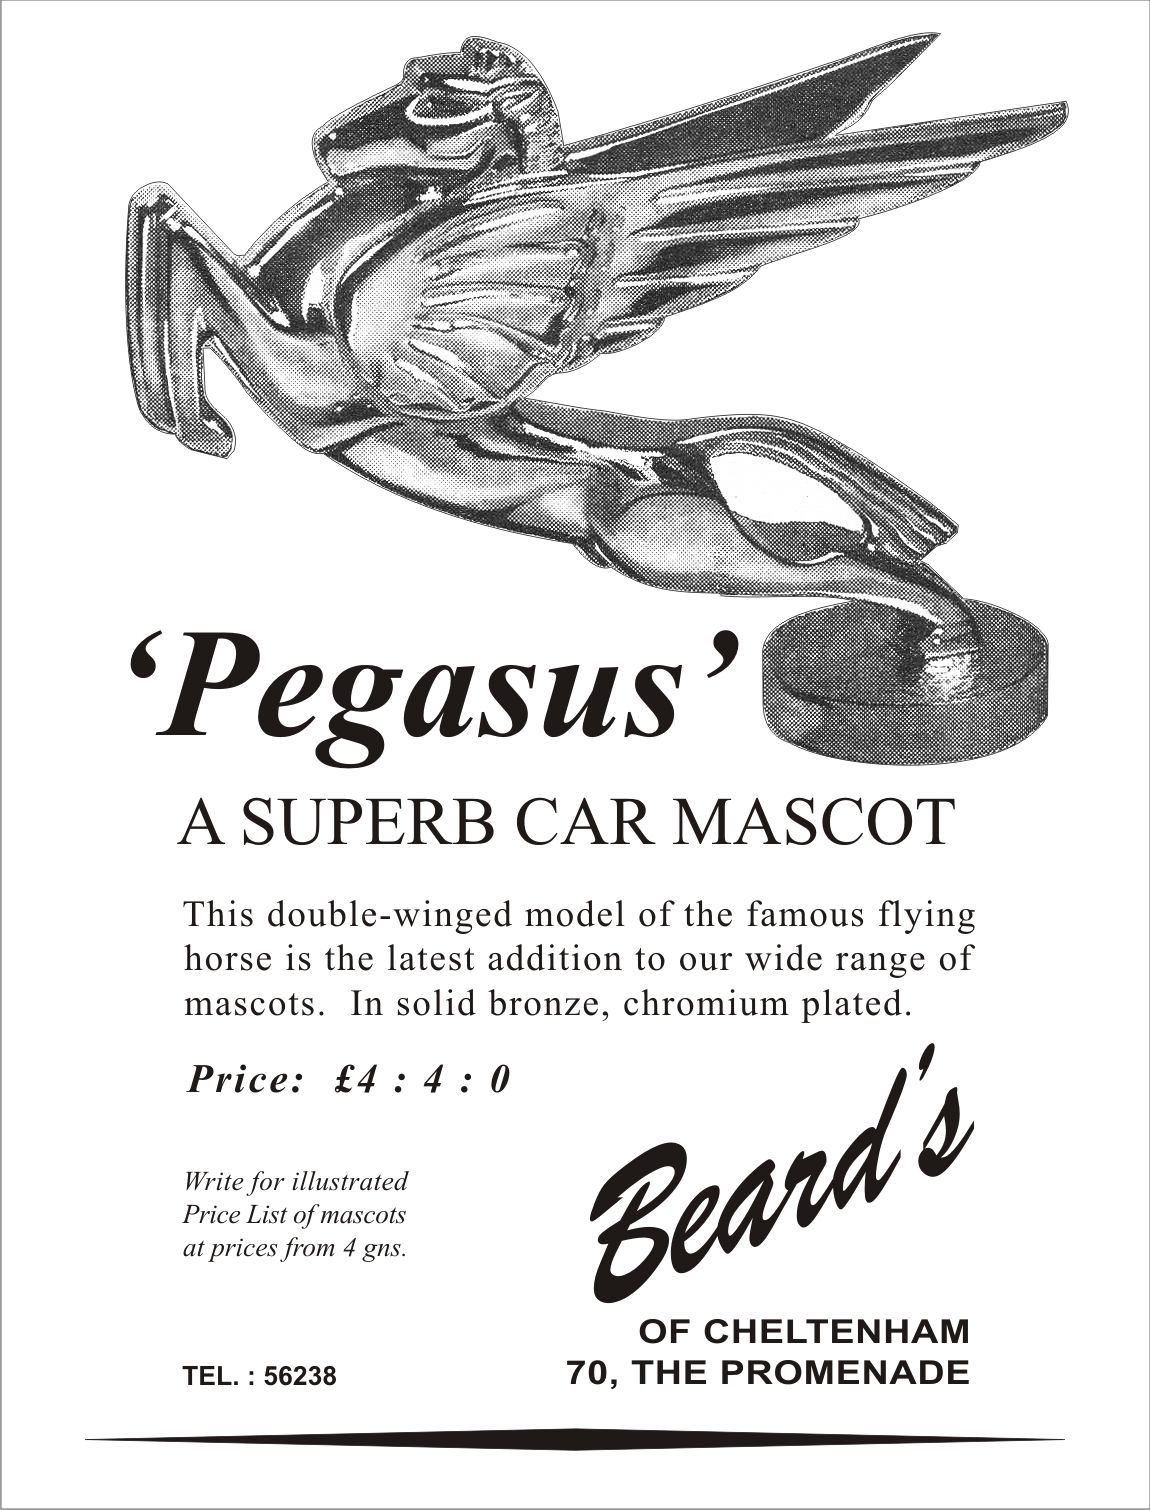 Beard S Of Cheltenham Pegasus Mascot Advert